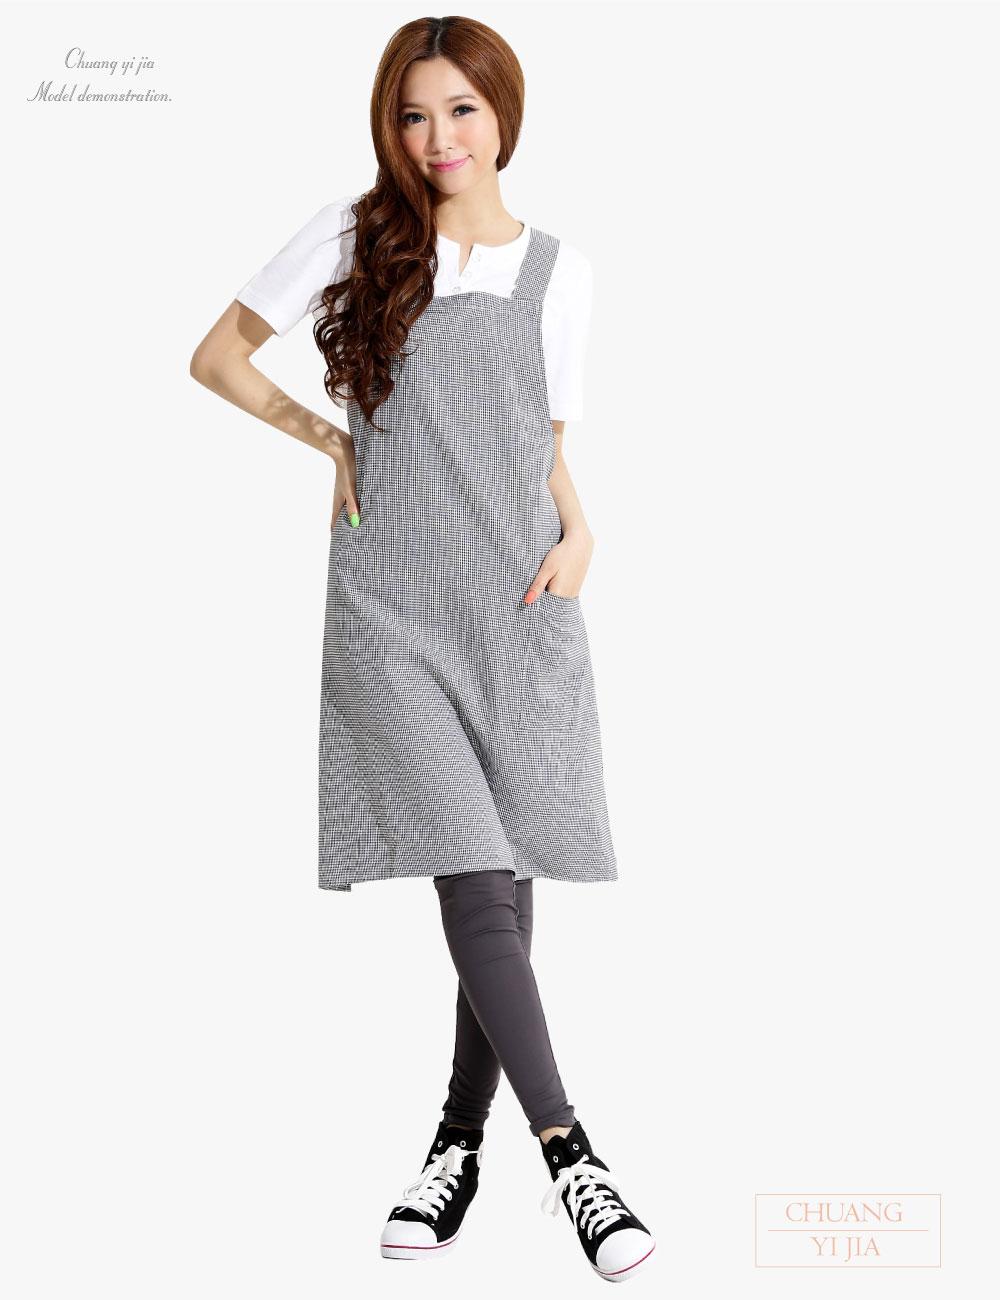 創意家日式圍裙